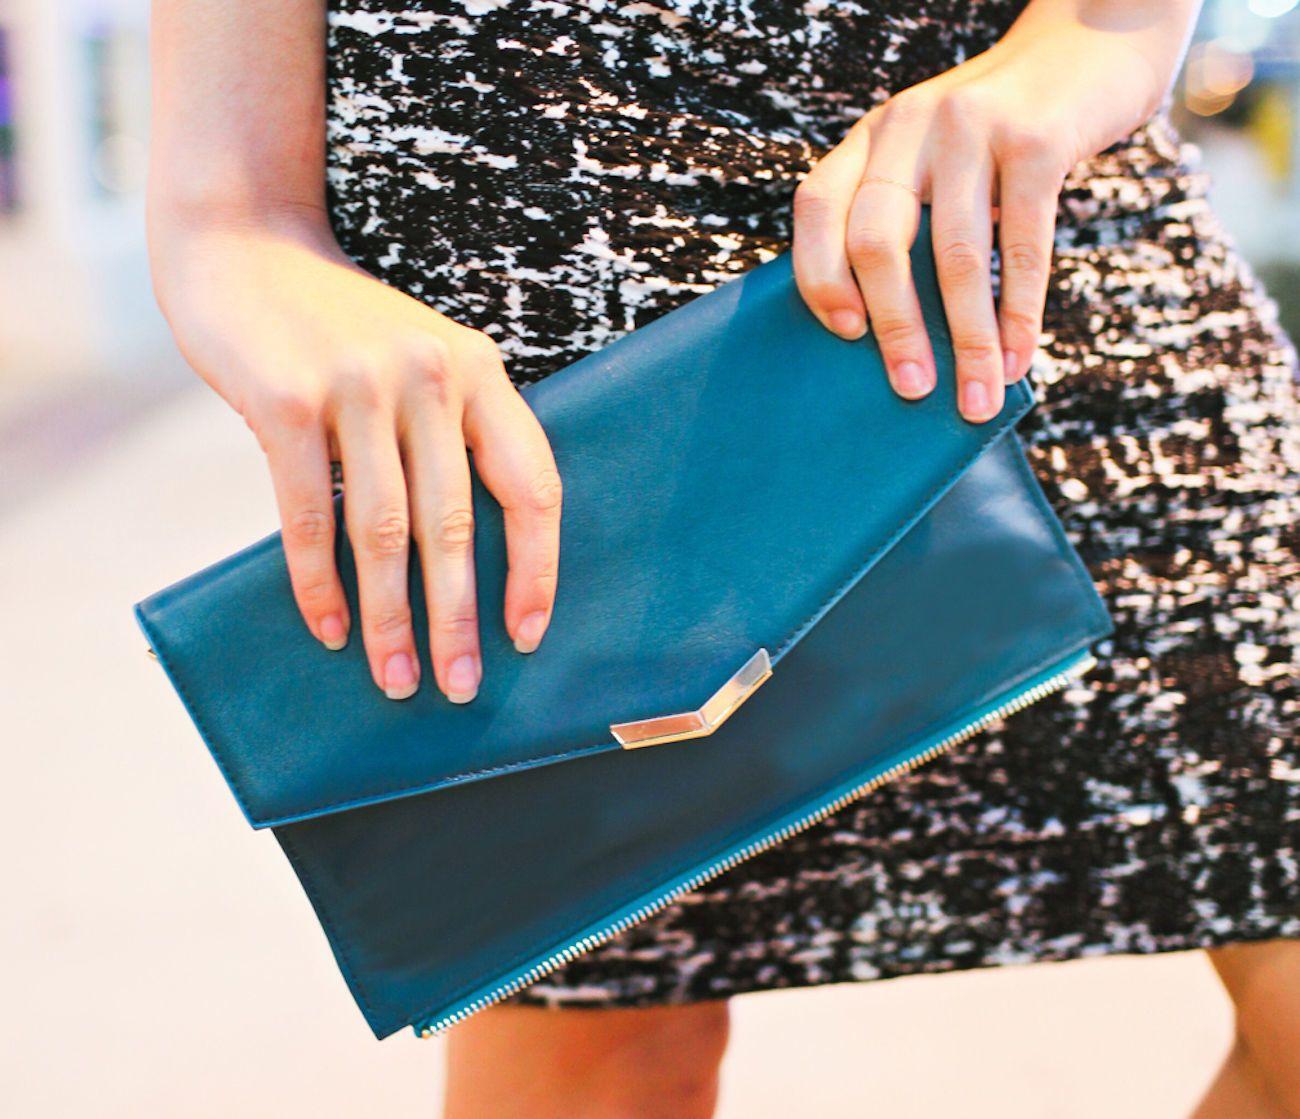 Tara&Co Tracy 2-in-1 Bag